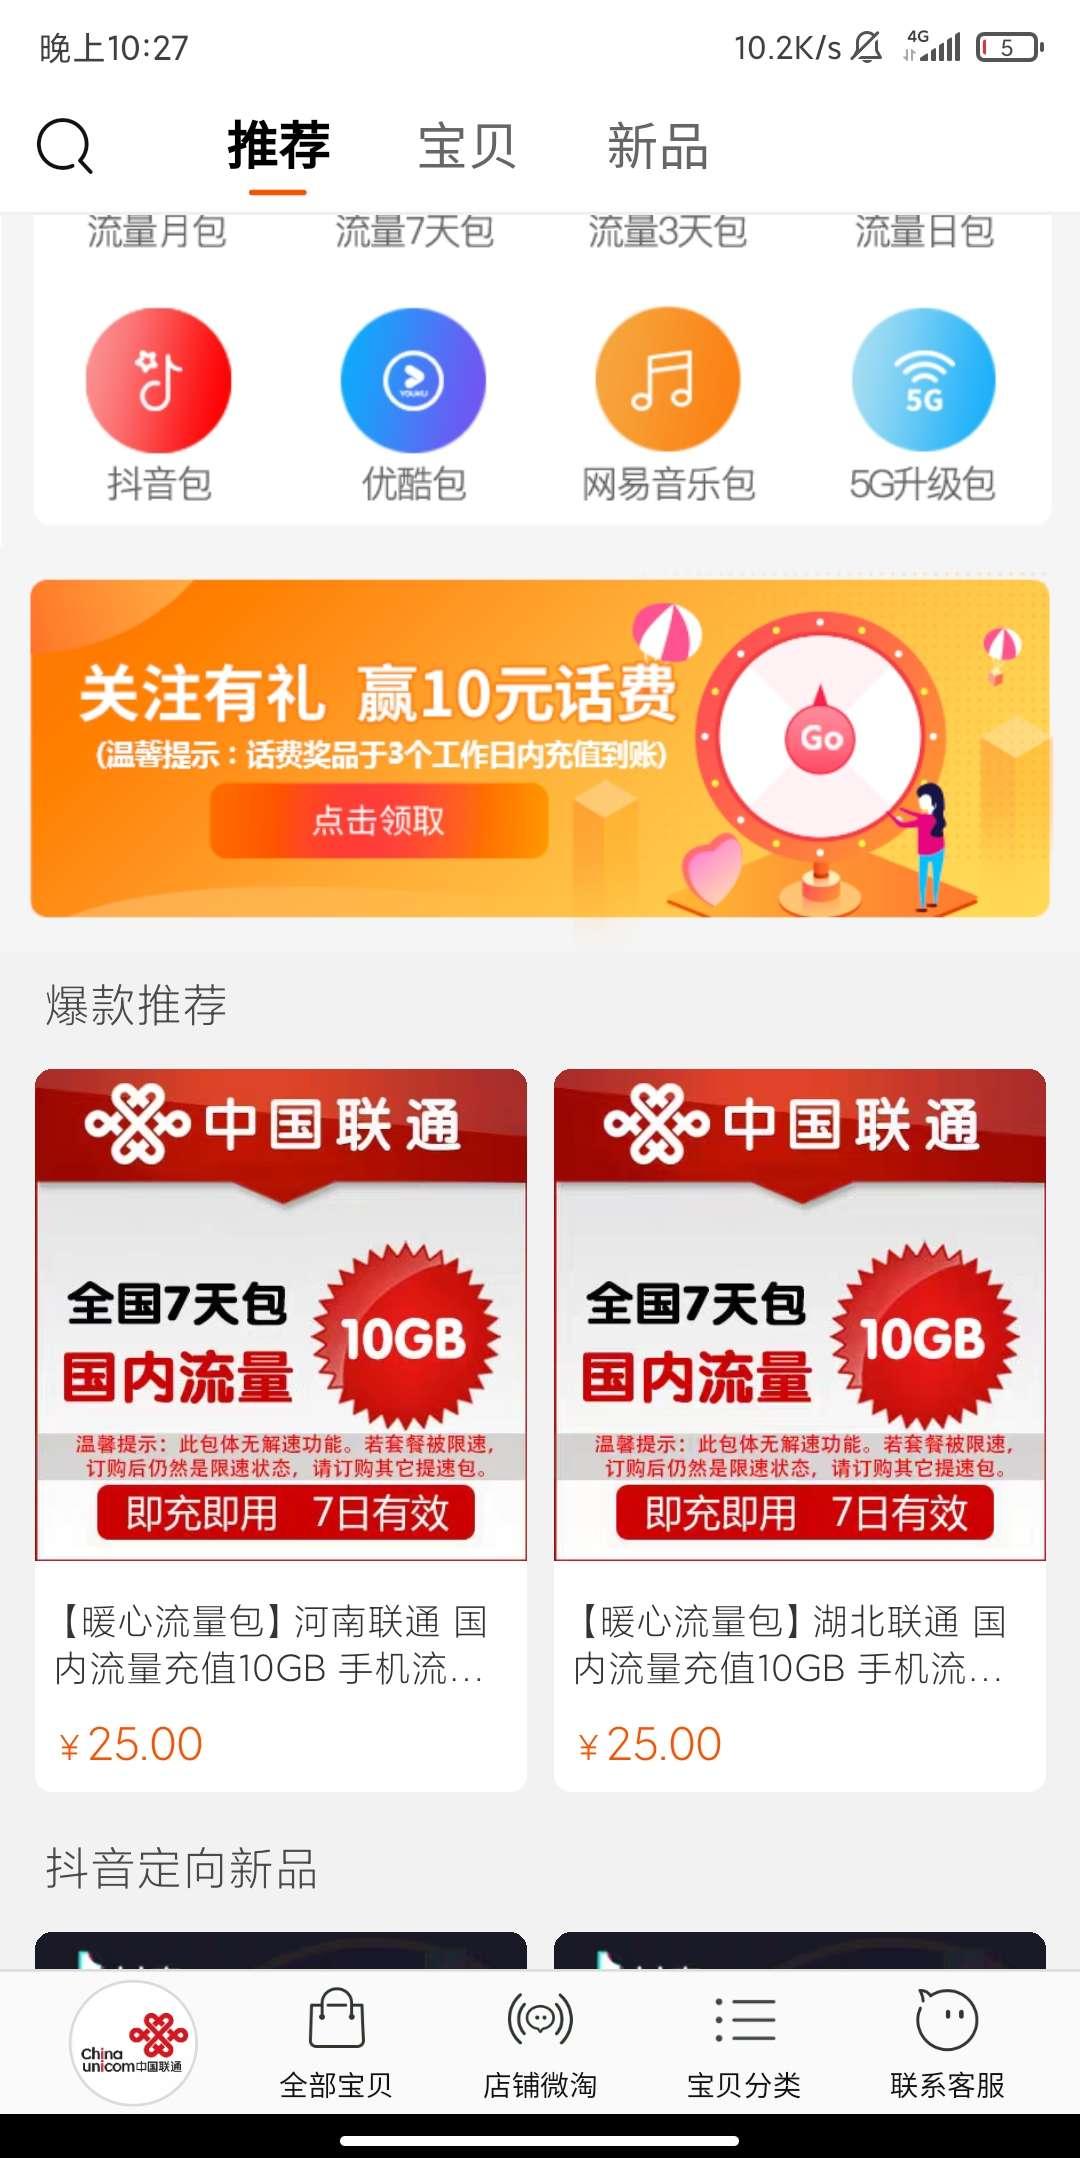 【话费流量】联通在线官方旗舰店抽话费-聚合资源网